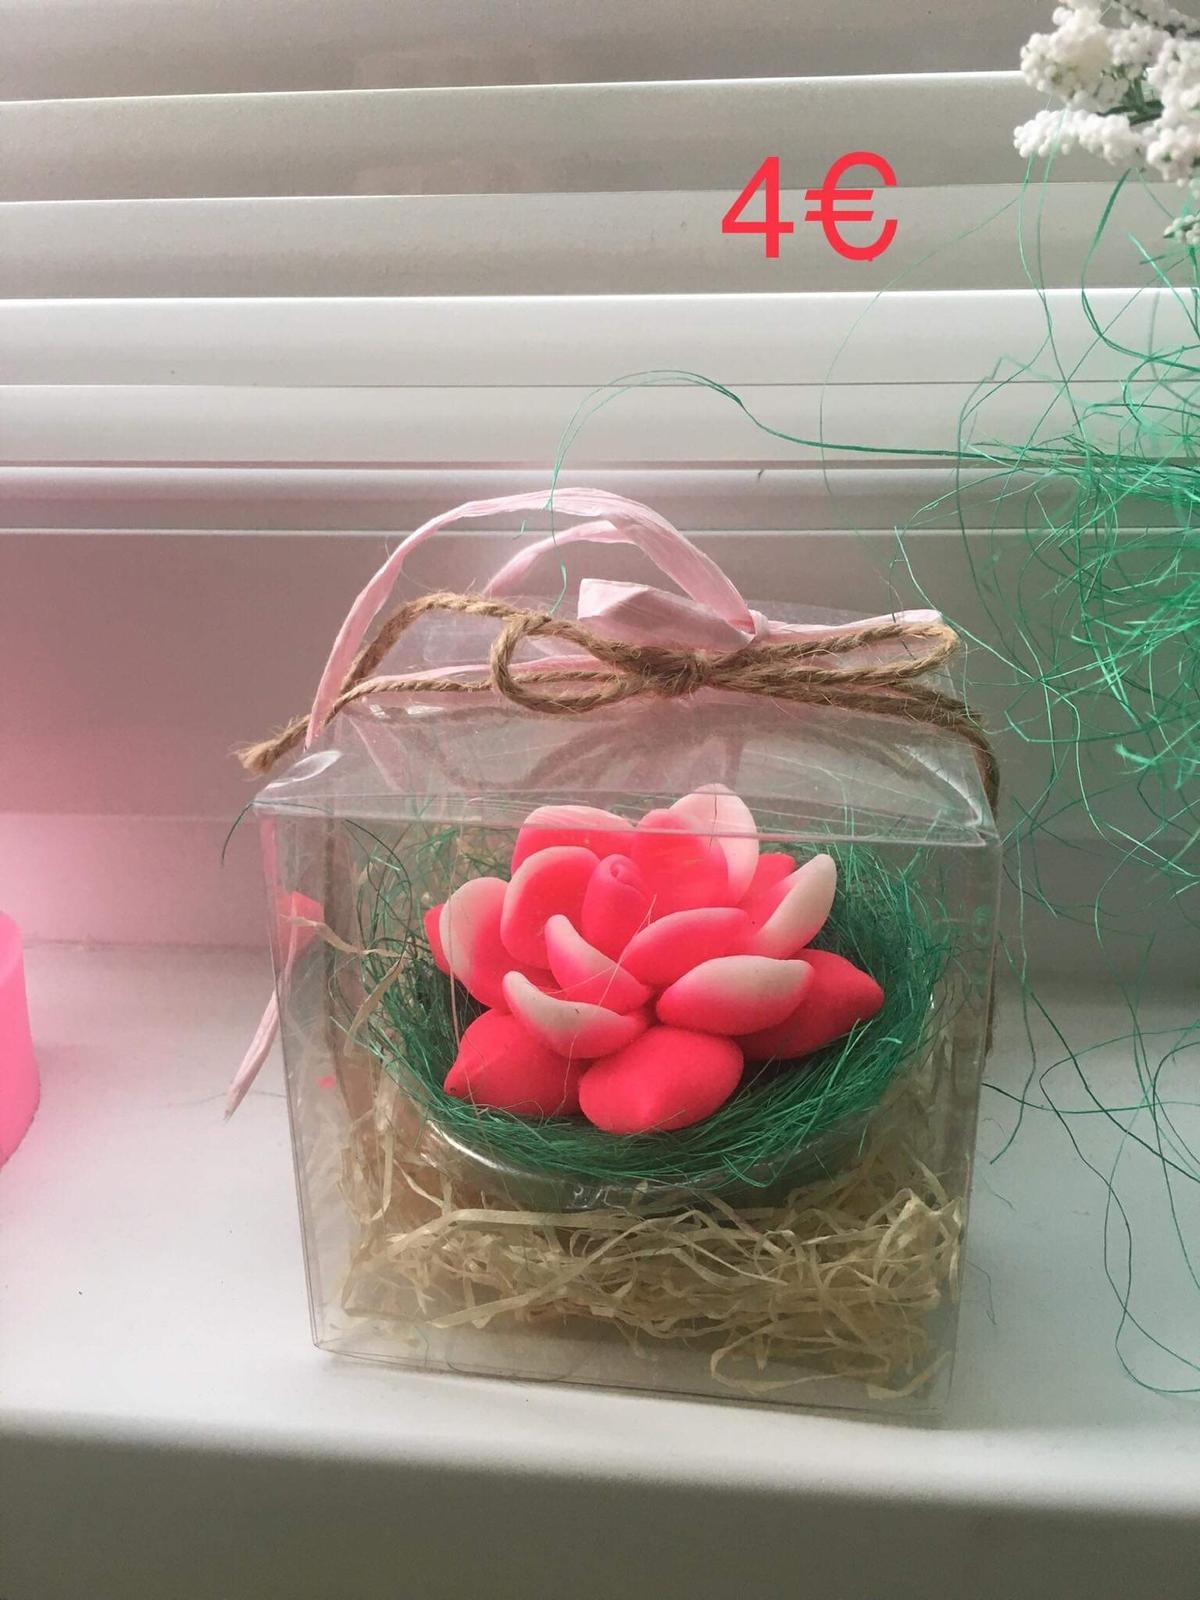 Mydielkova kytica alebo separe darčekové mydielka - Obrázok č. 3